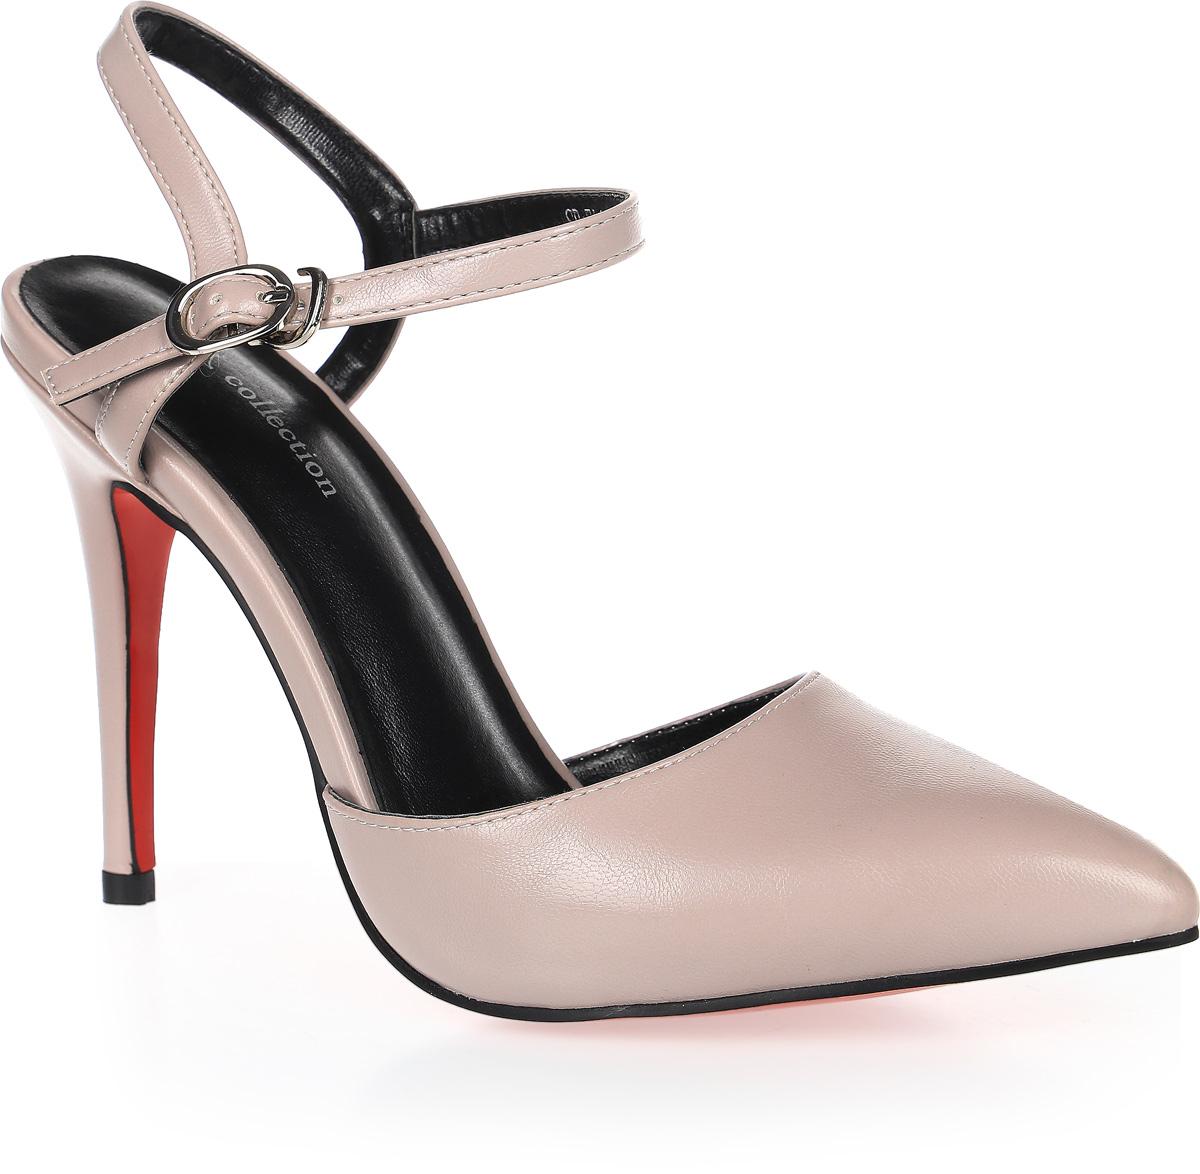 Туфли женские LK Collection, цвет: серый. SP-EA1901-3 PU (SP-E20001-5). Размер 39SP-EA1901-3 PU (SP-E20001-5)Стильные туфли-лодочки с открытой пяткой на высокой шпильке выполнены из искусственной кожи. Стелька выполнена из натуральной кожи.